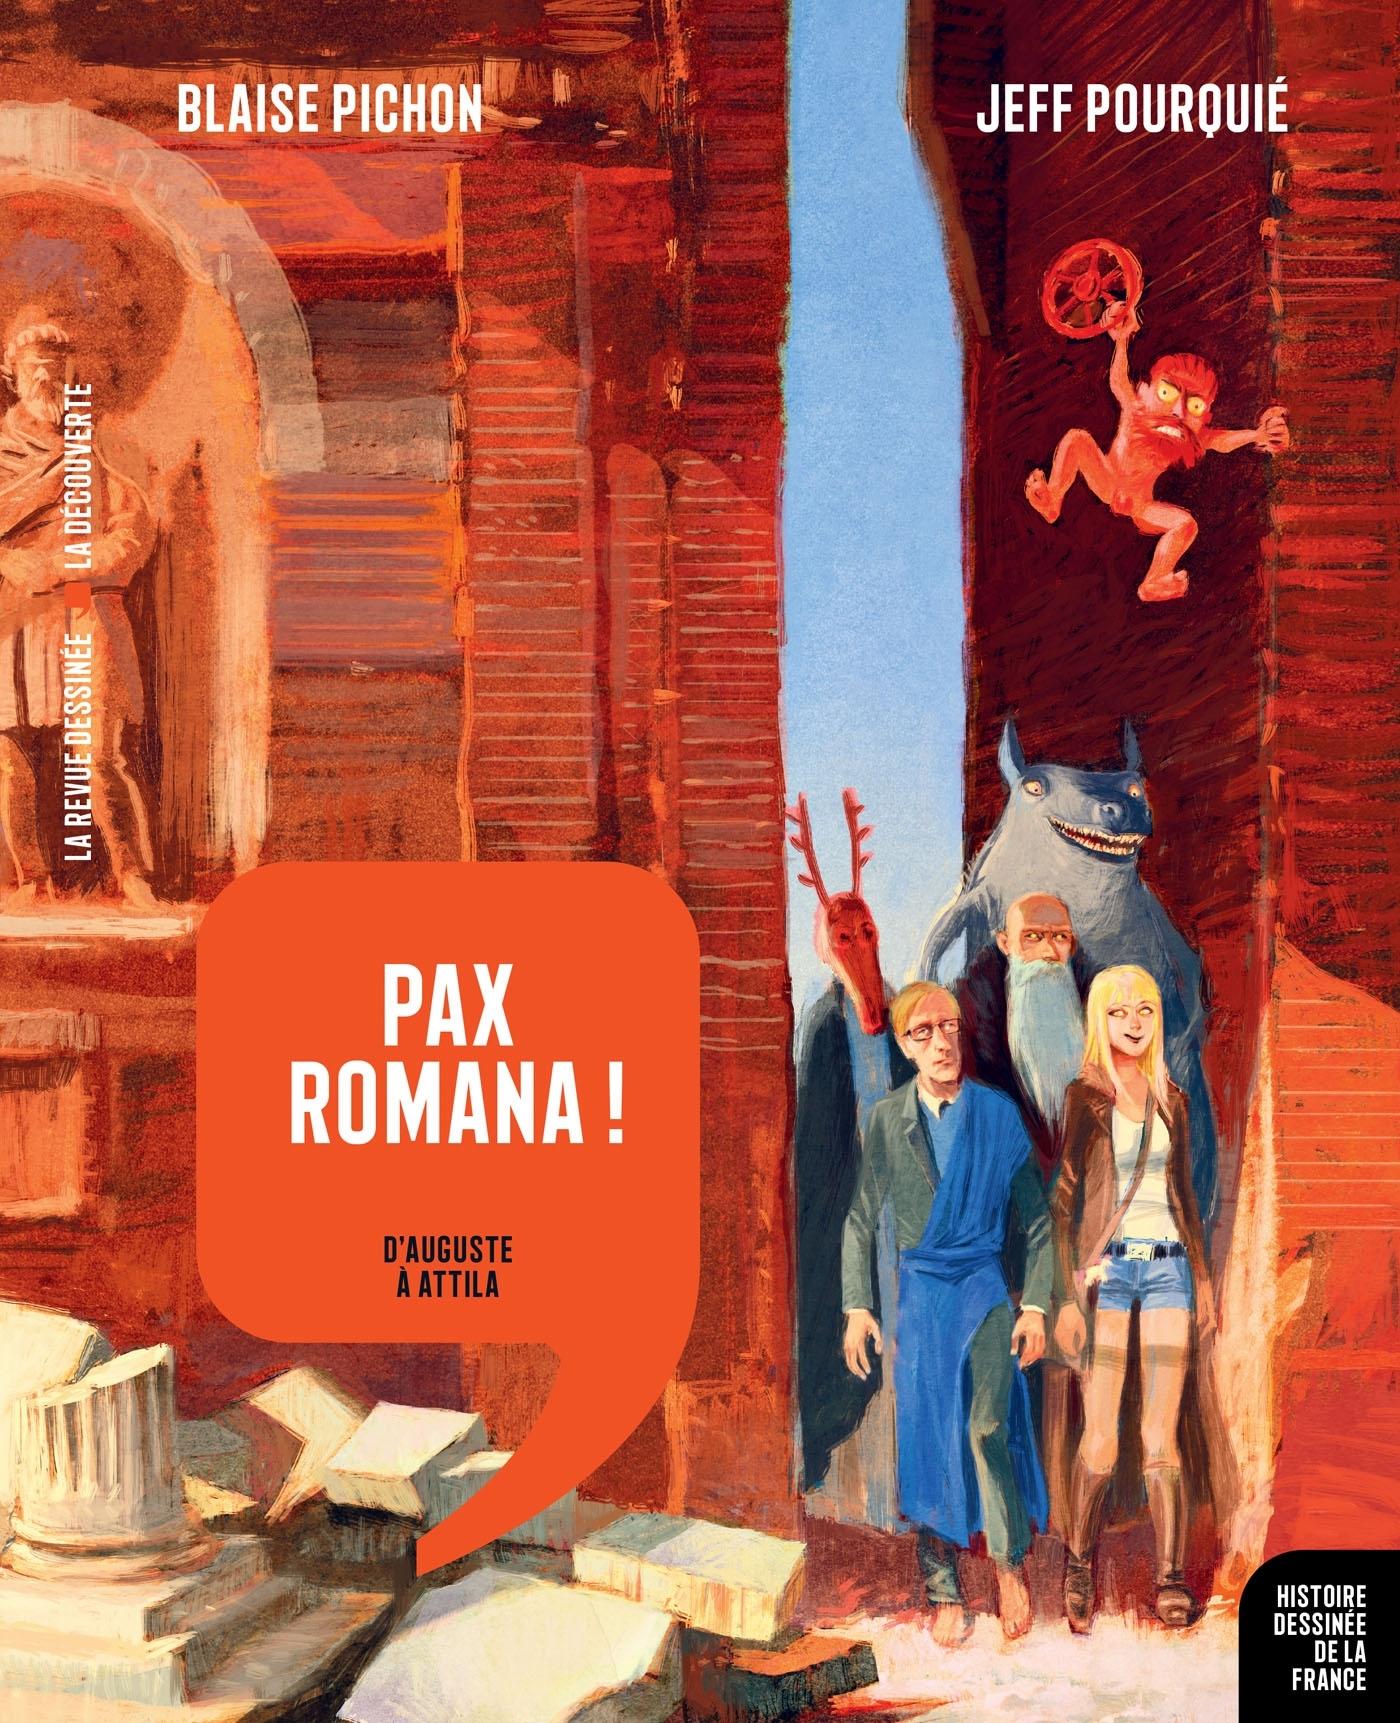 HISTOIRE DESSINEE DE LA FRANCE - T3 - PAX ROMANA ! - D'AUGUSTE A ATTILA